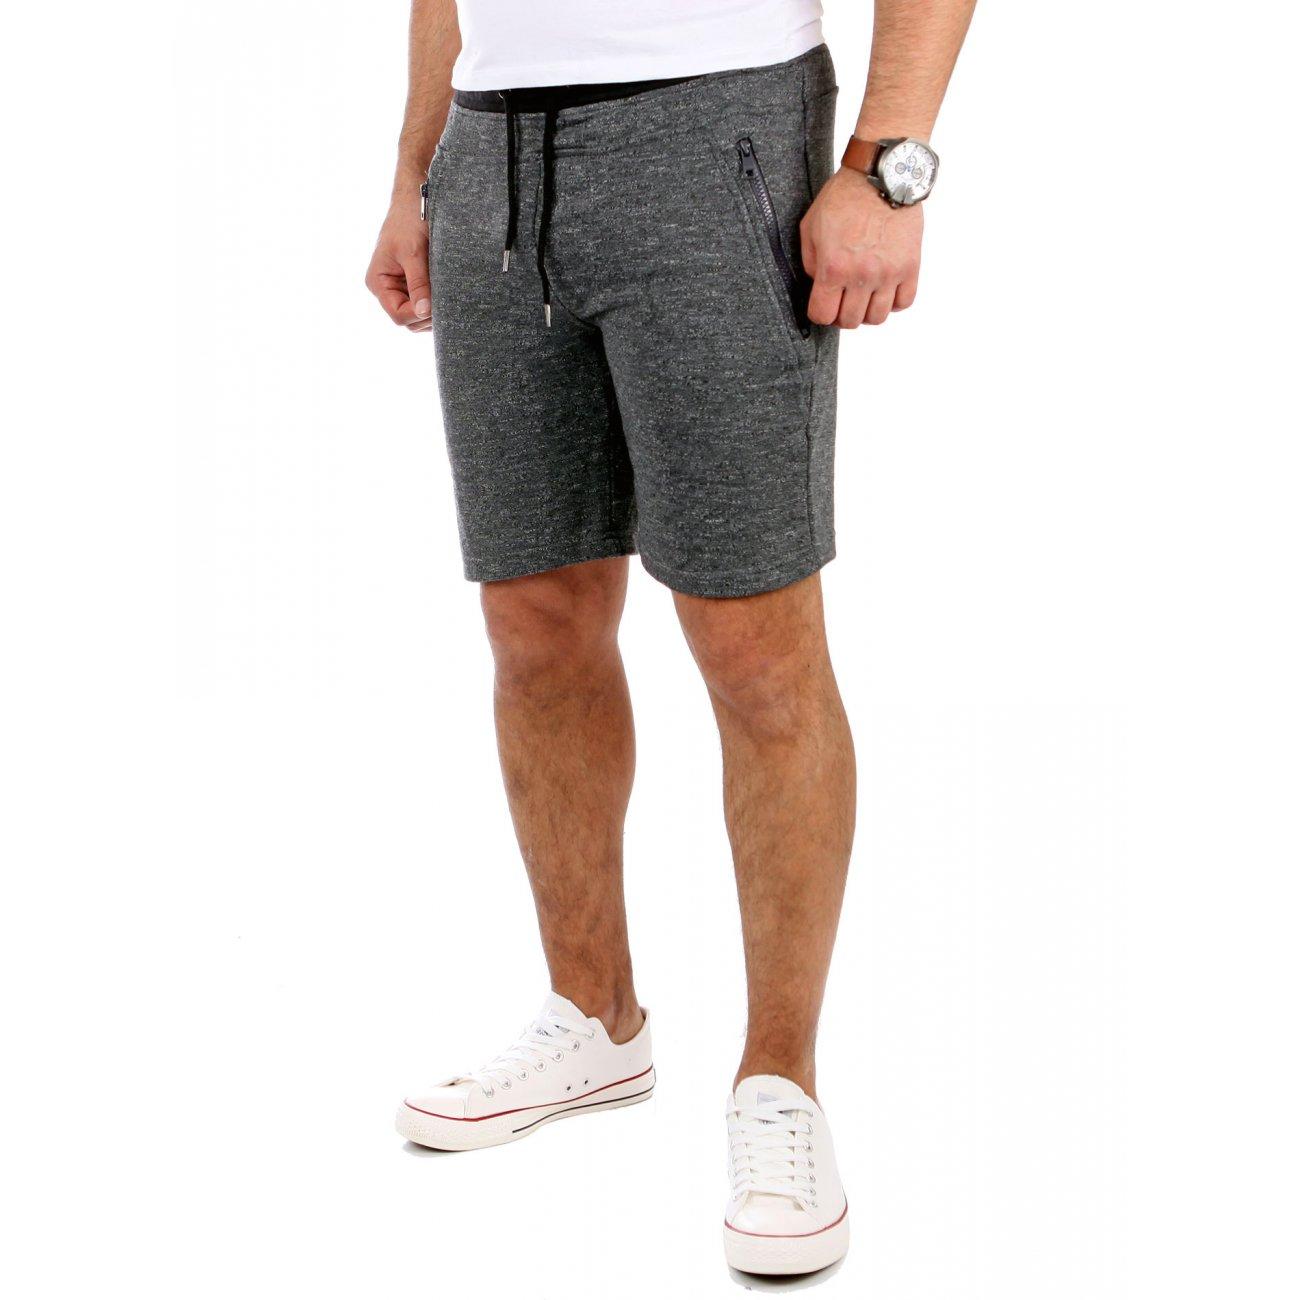 reslad shorts melange look sporthose herren kurz. Black Bedroom Furniture Sets. Home Design Ideas